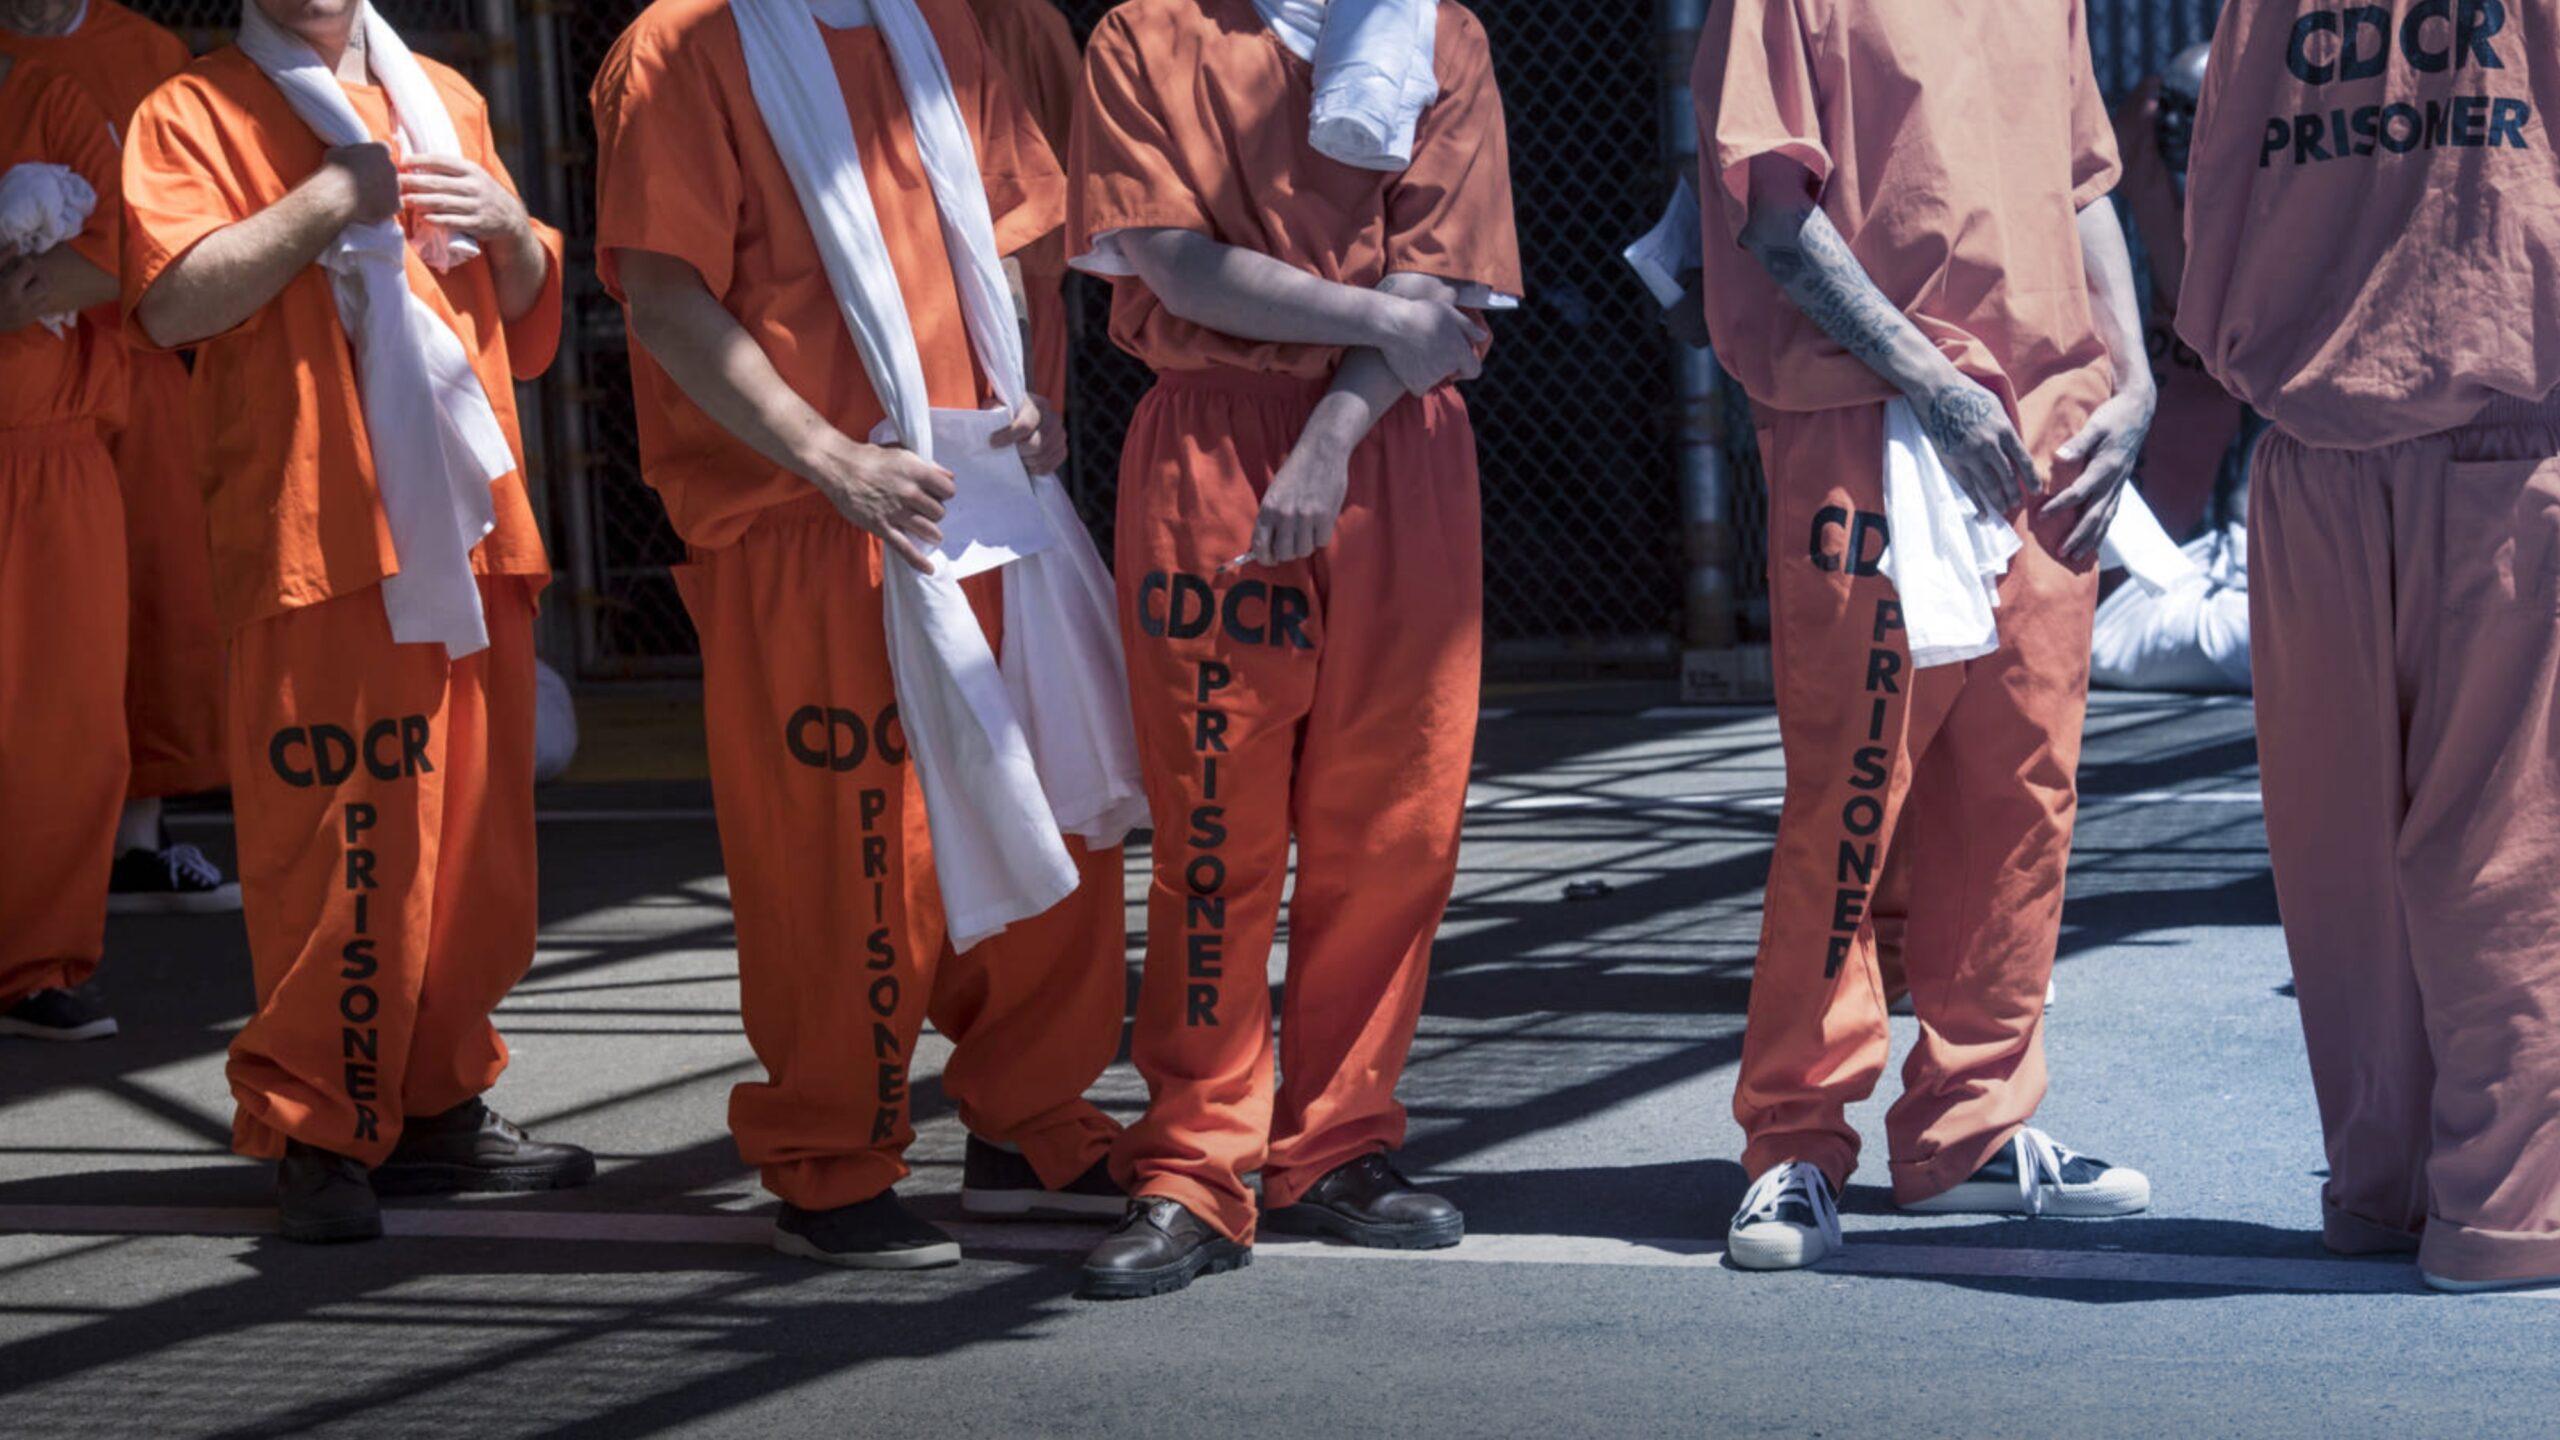 Prison, jail, Inmates